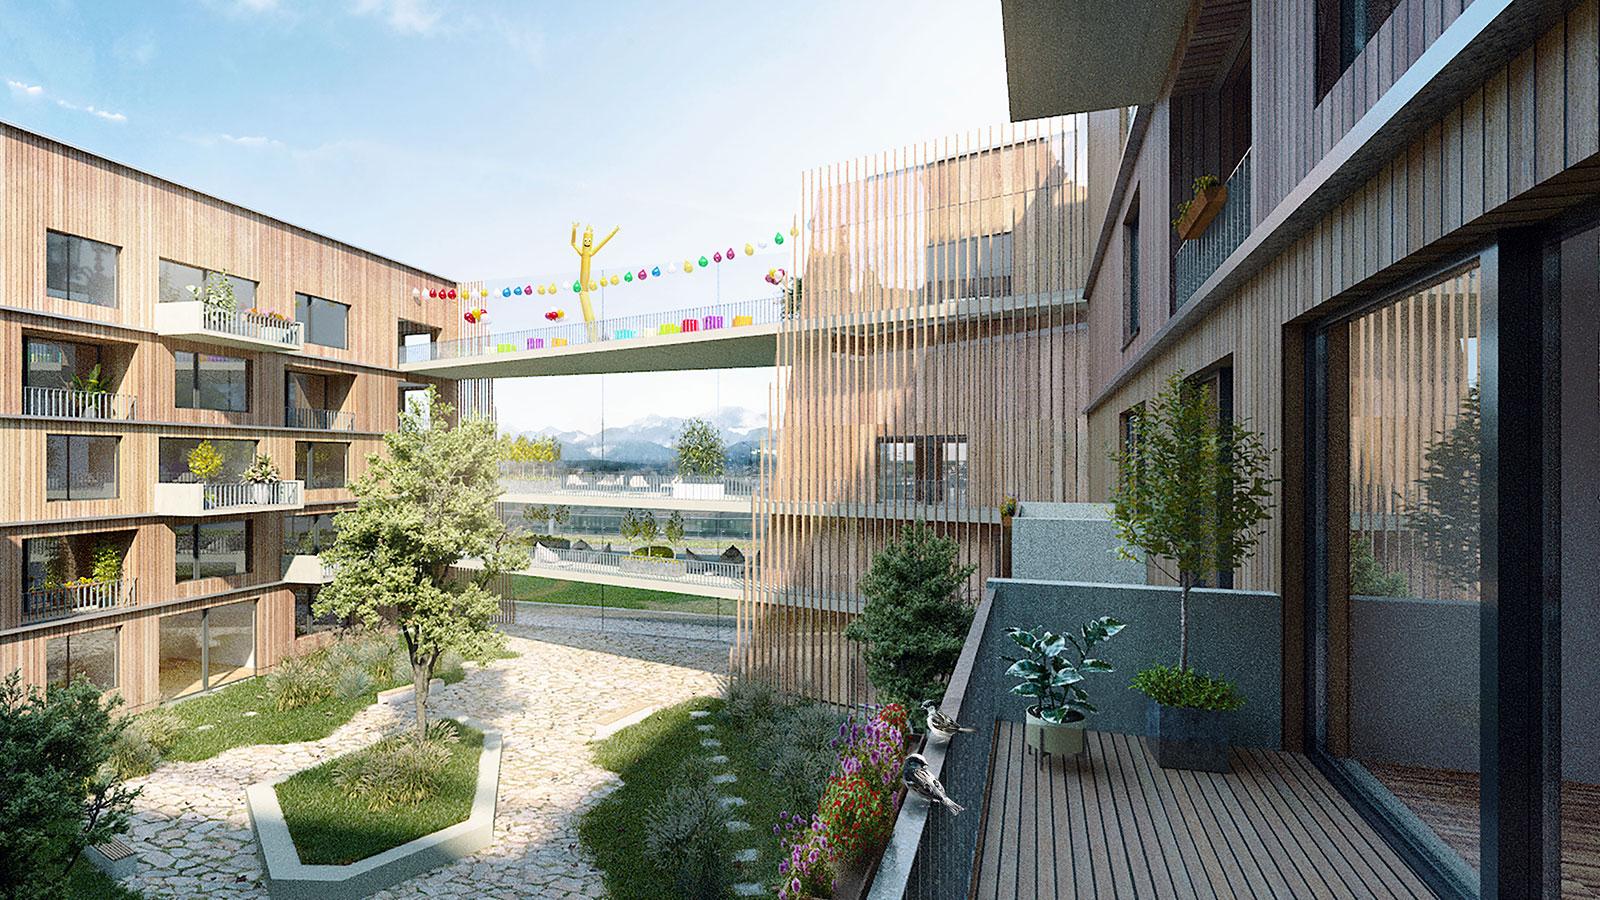 bahnhofsareal-nord-rosenheim-babauungskonzept-visualisierung-innenhof